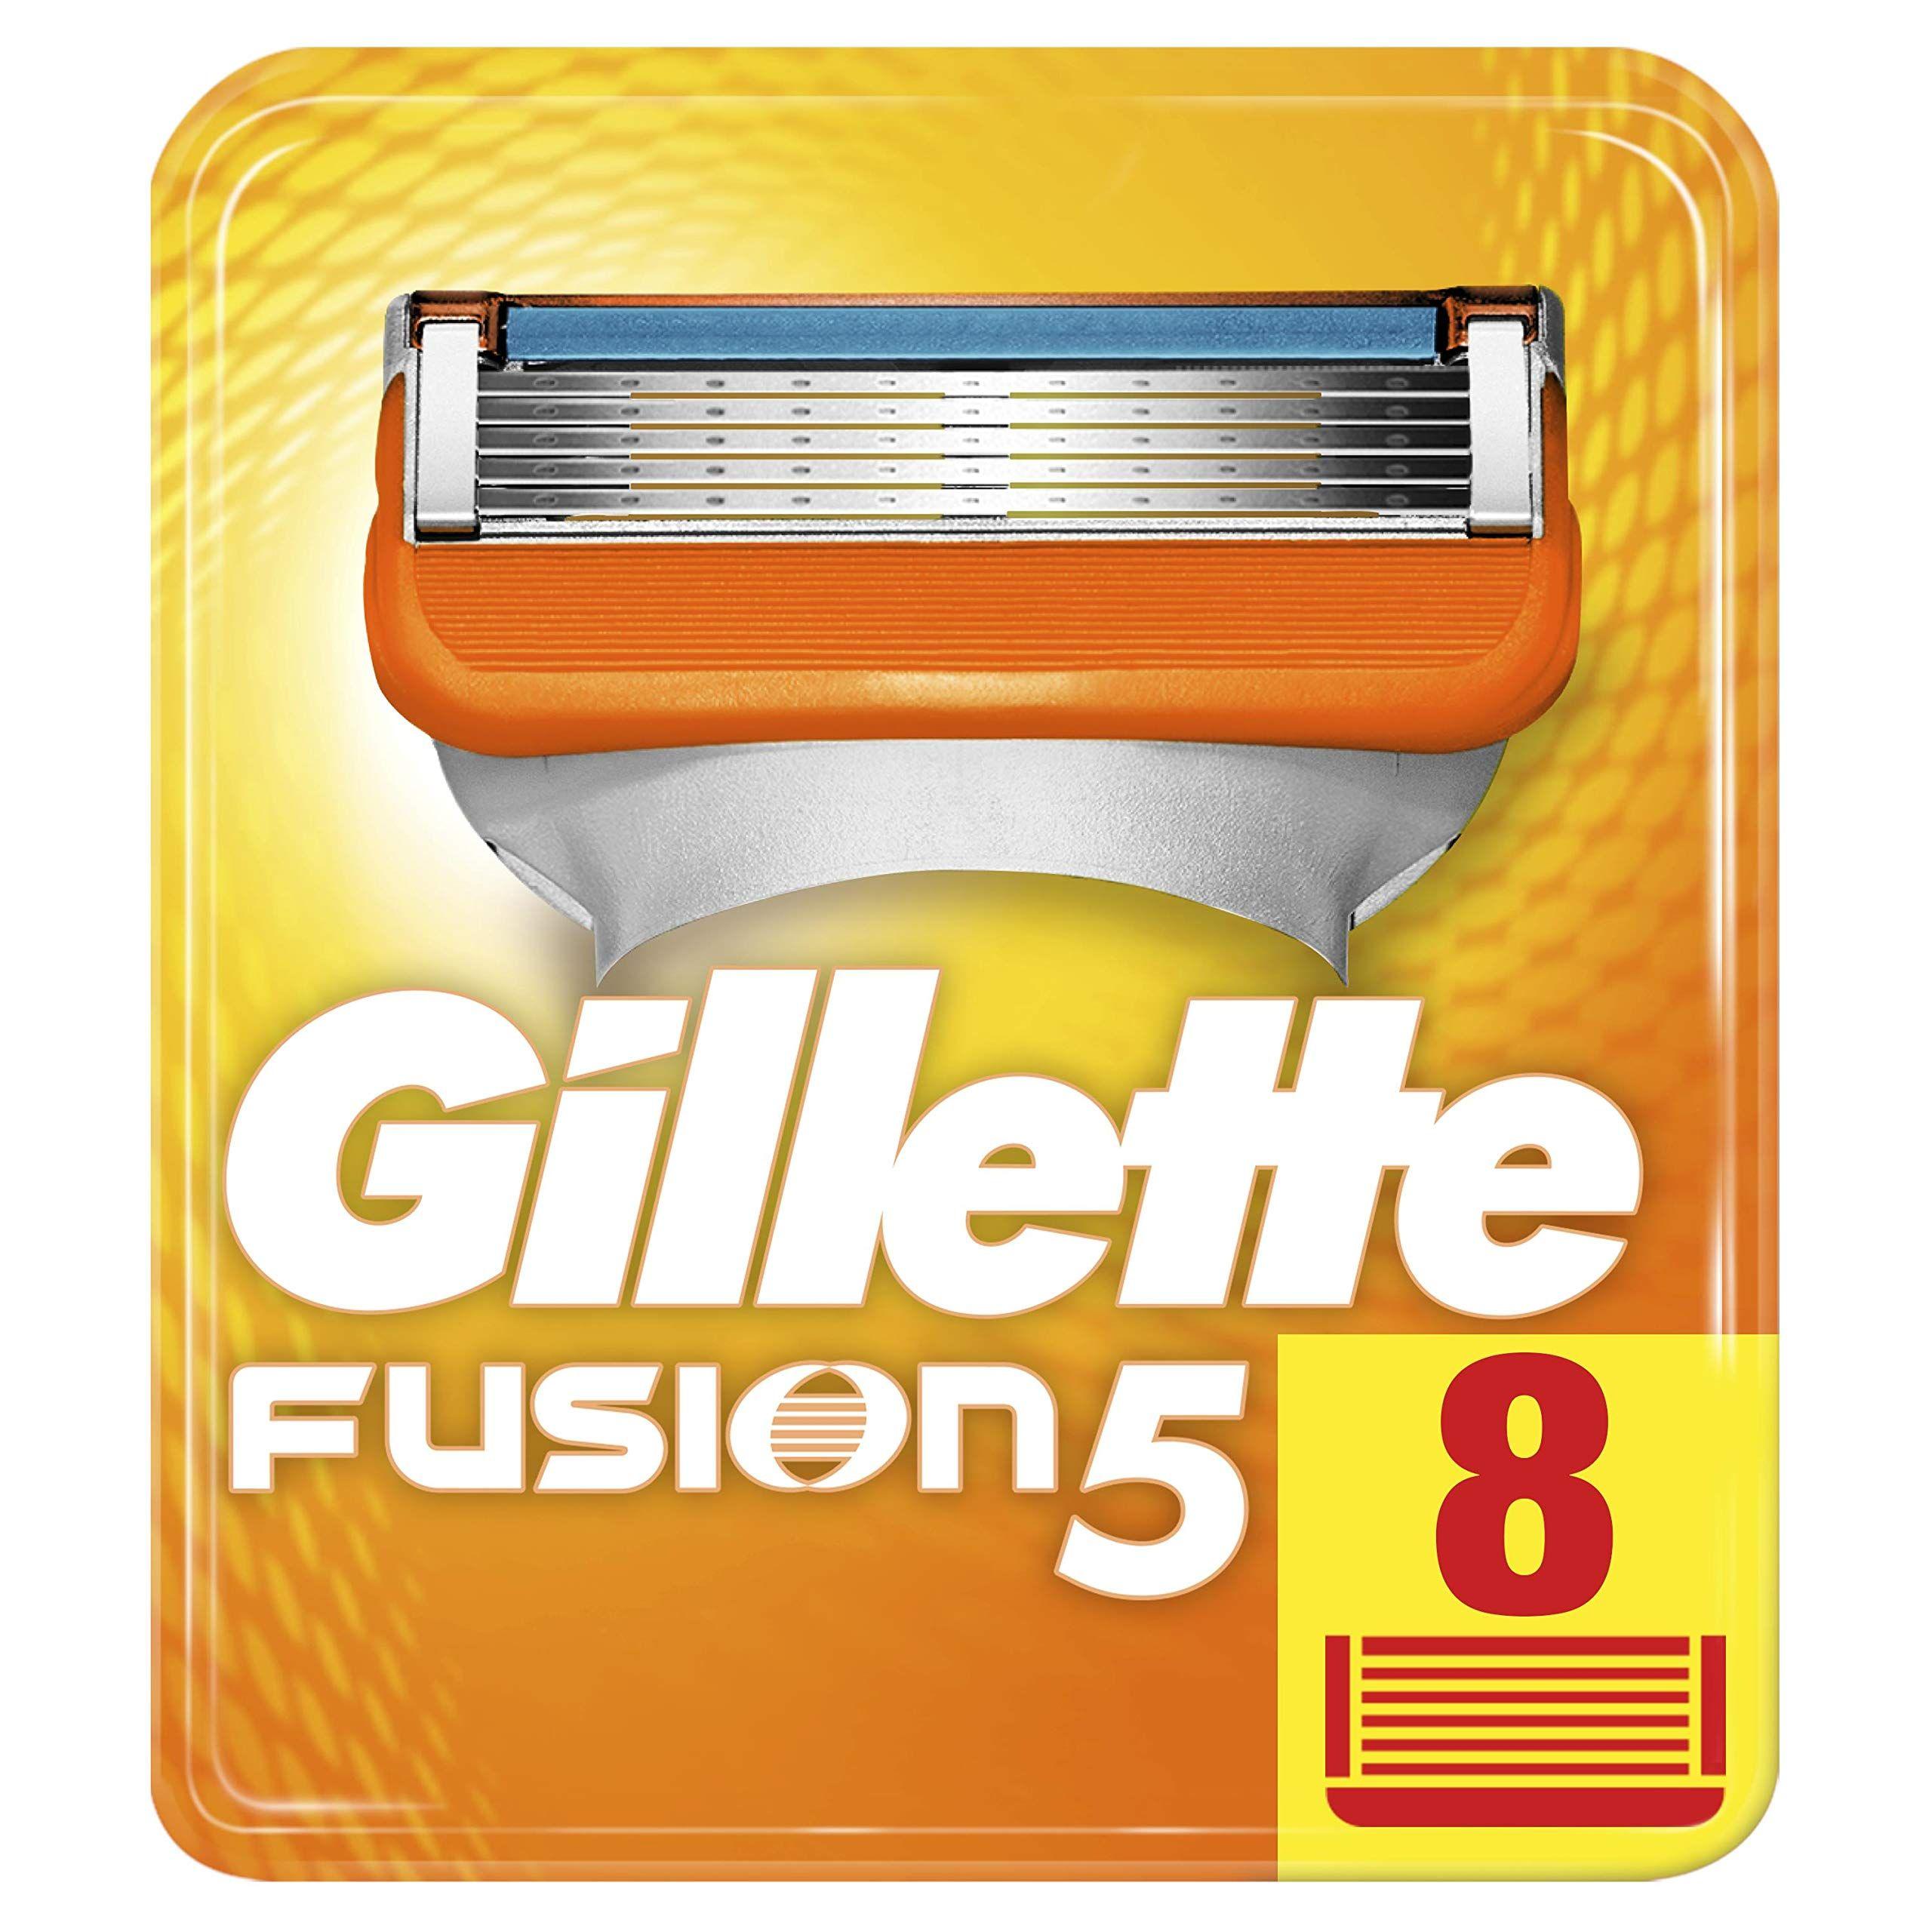 Gillette Fusion lamette per gli uomini 8Êpezzi in 2020